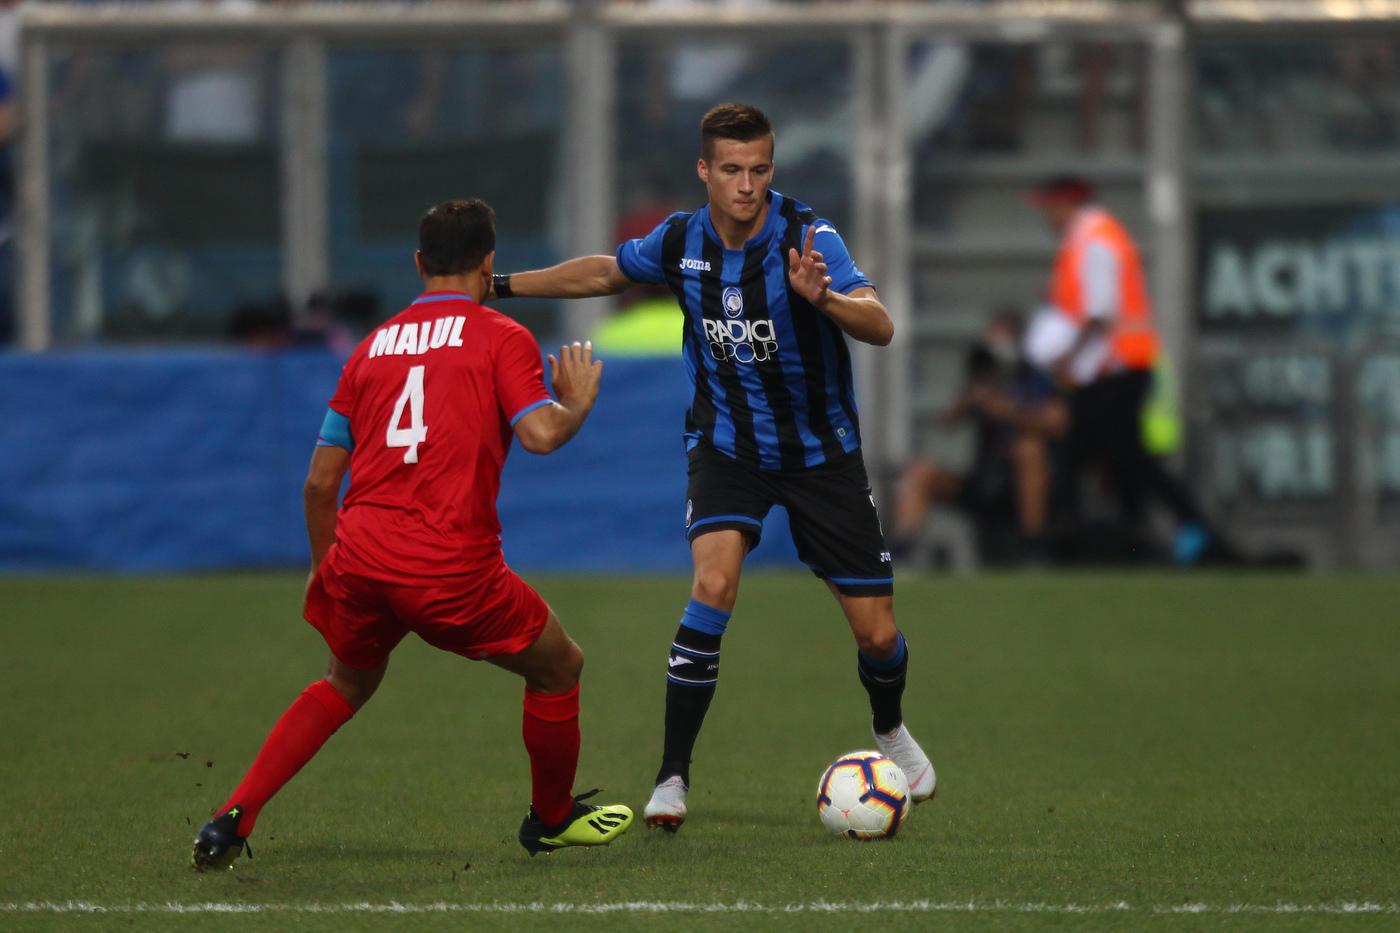 Europa League: battuto 2-0 l'Hapoel nella gara di ritorno